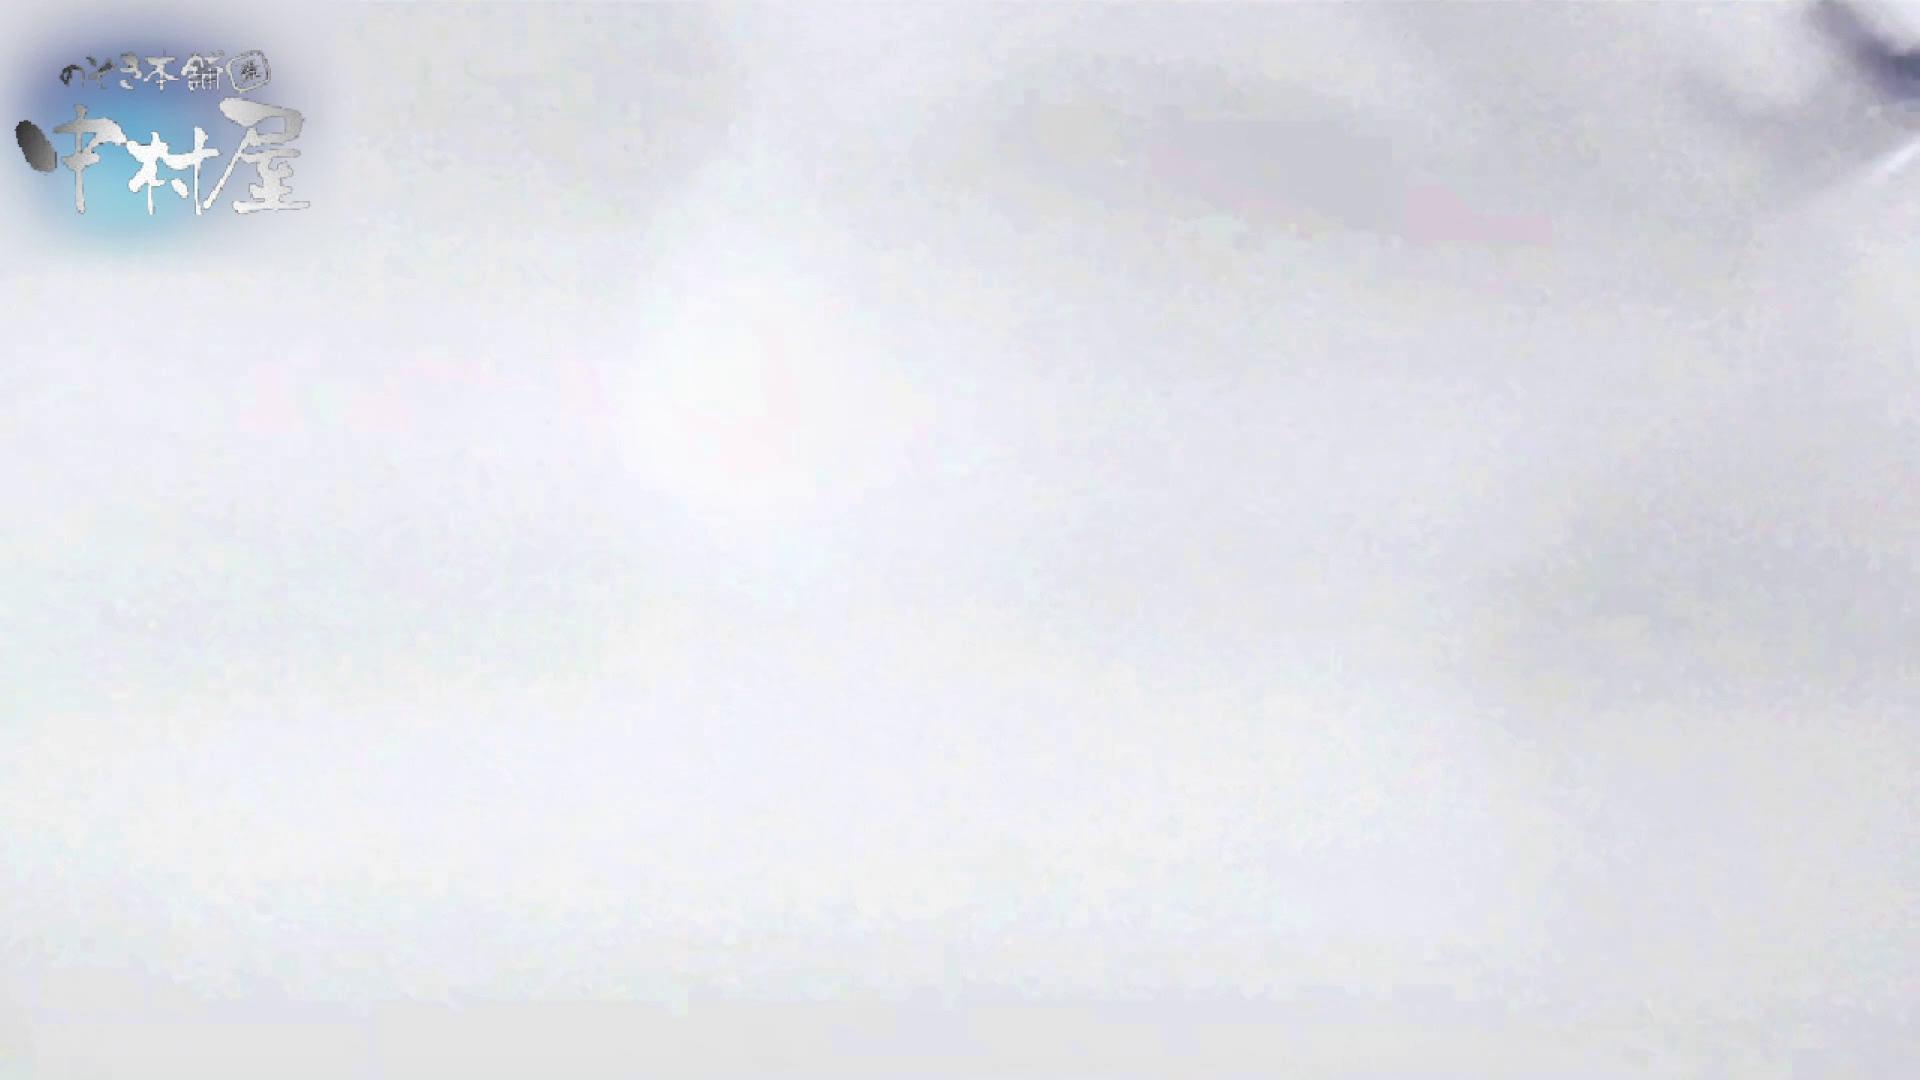 乙女集まる!ショッピングモール潜入撮vol.08 丸見え | HなOL  53pic 30